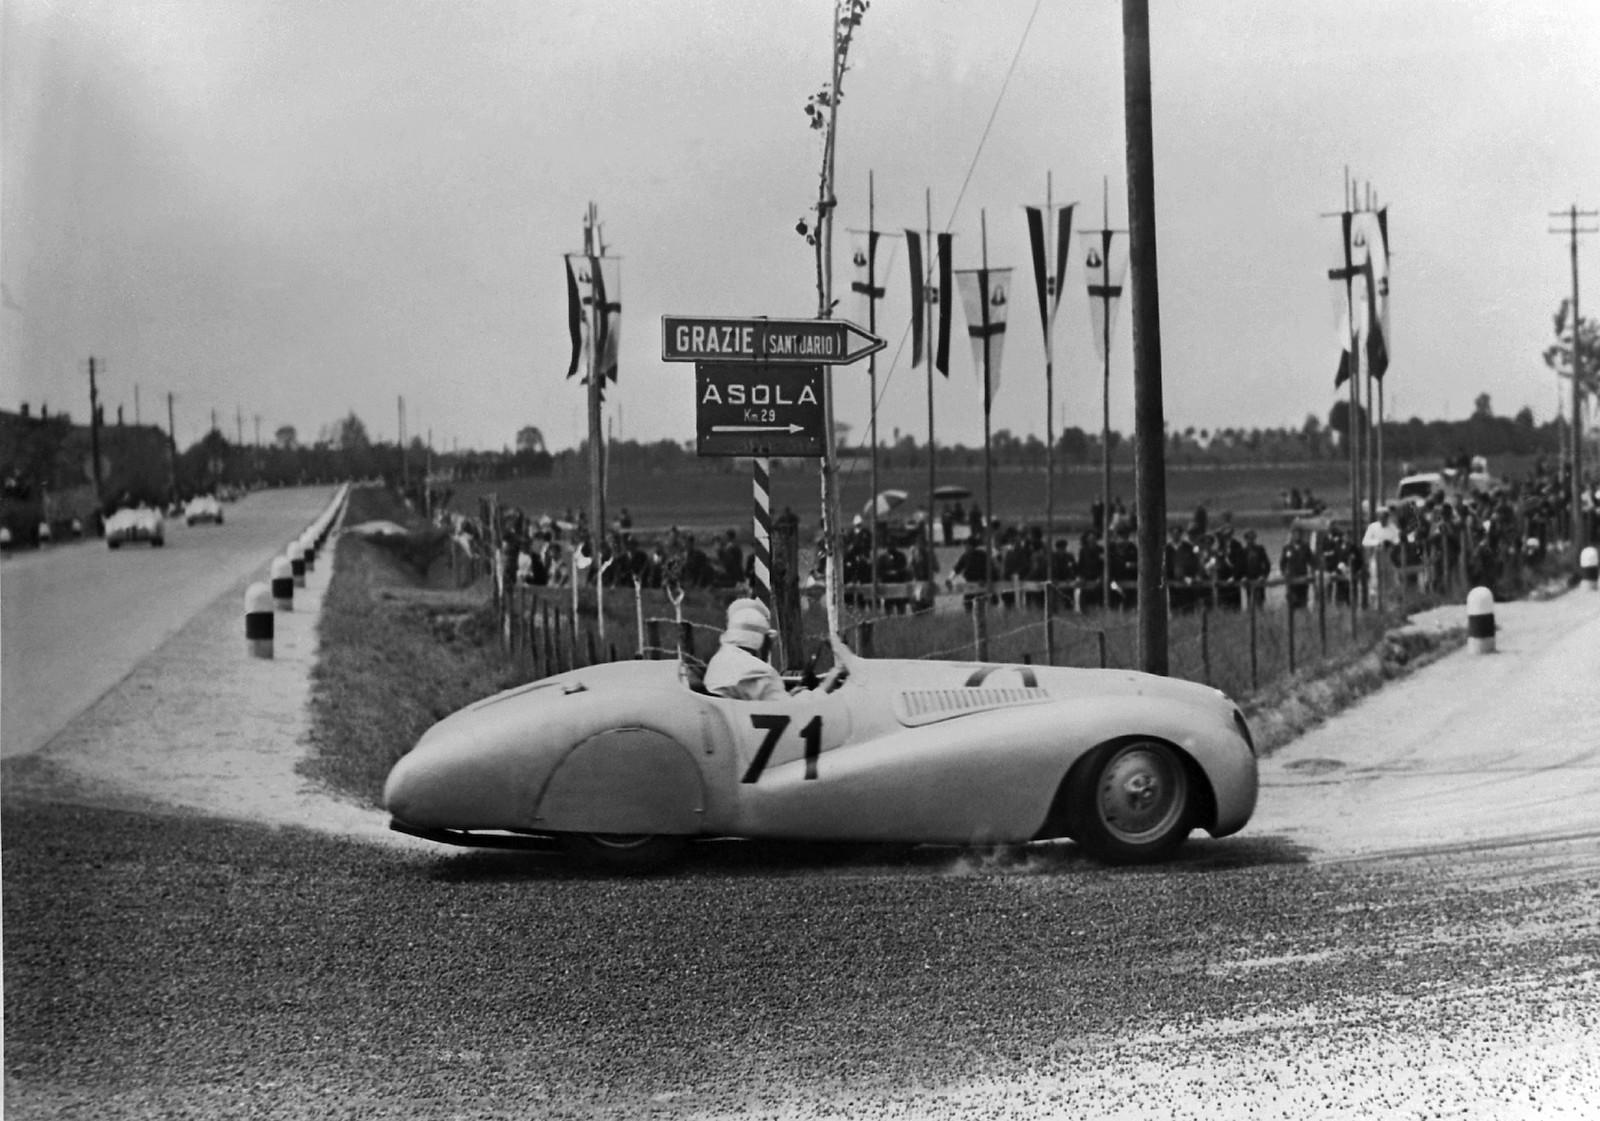 1940 gewannen Fritz Huschke von Hanstein und Walter Bäumel im BMW 328 Touring Coupé mit deutlichem Vorsprung vor dem Zweitplatzierten die Gesamtwertung des legendären Langstreckenrennens Mille Miglia in Italien